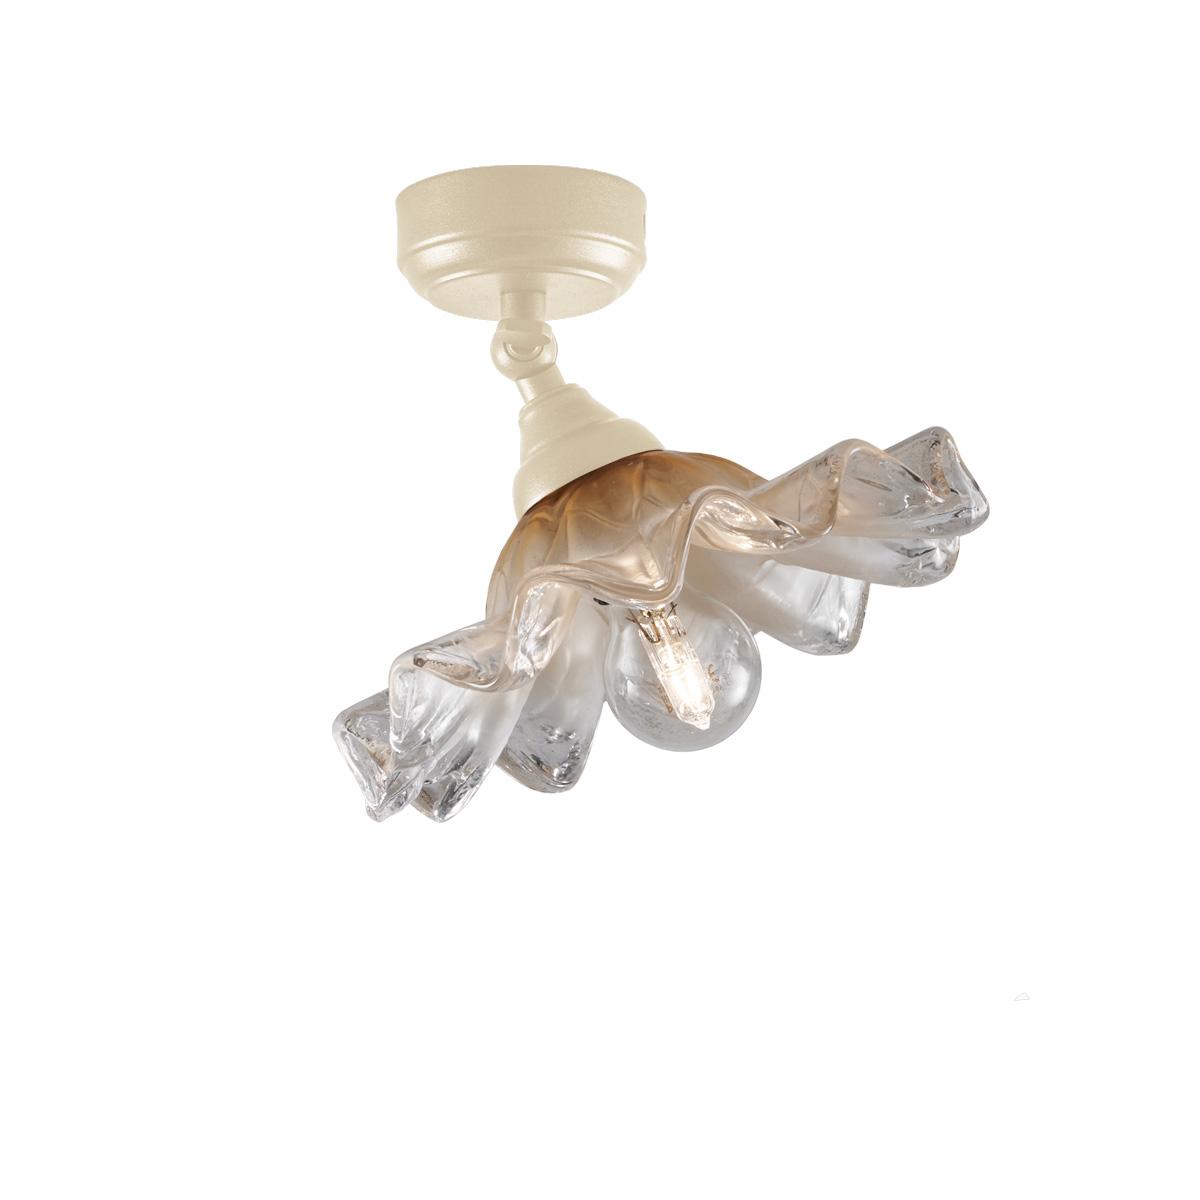 Vintage φωτιστικό οροφής με κλειδί ΣΥΡΟΣ vintage adjustable ceiling lamp